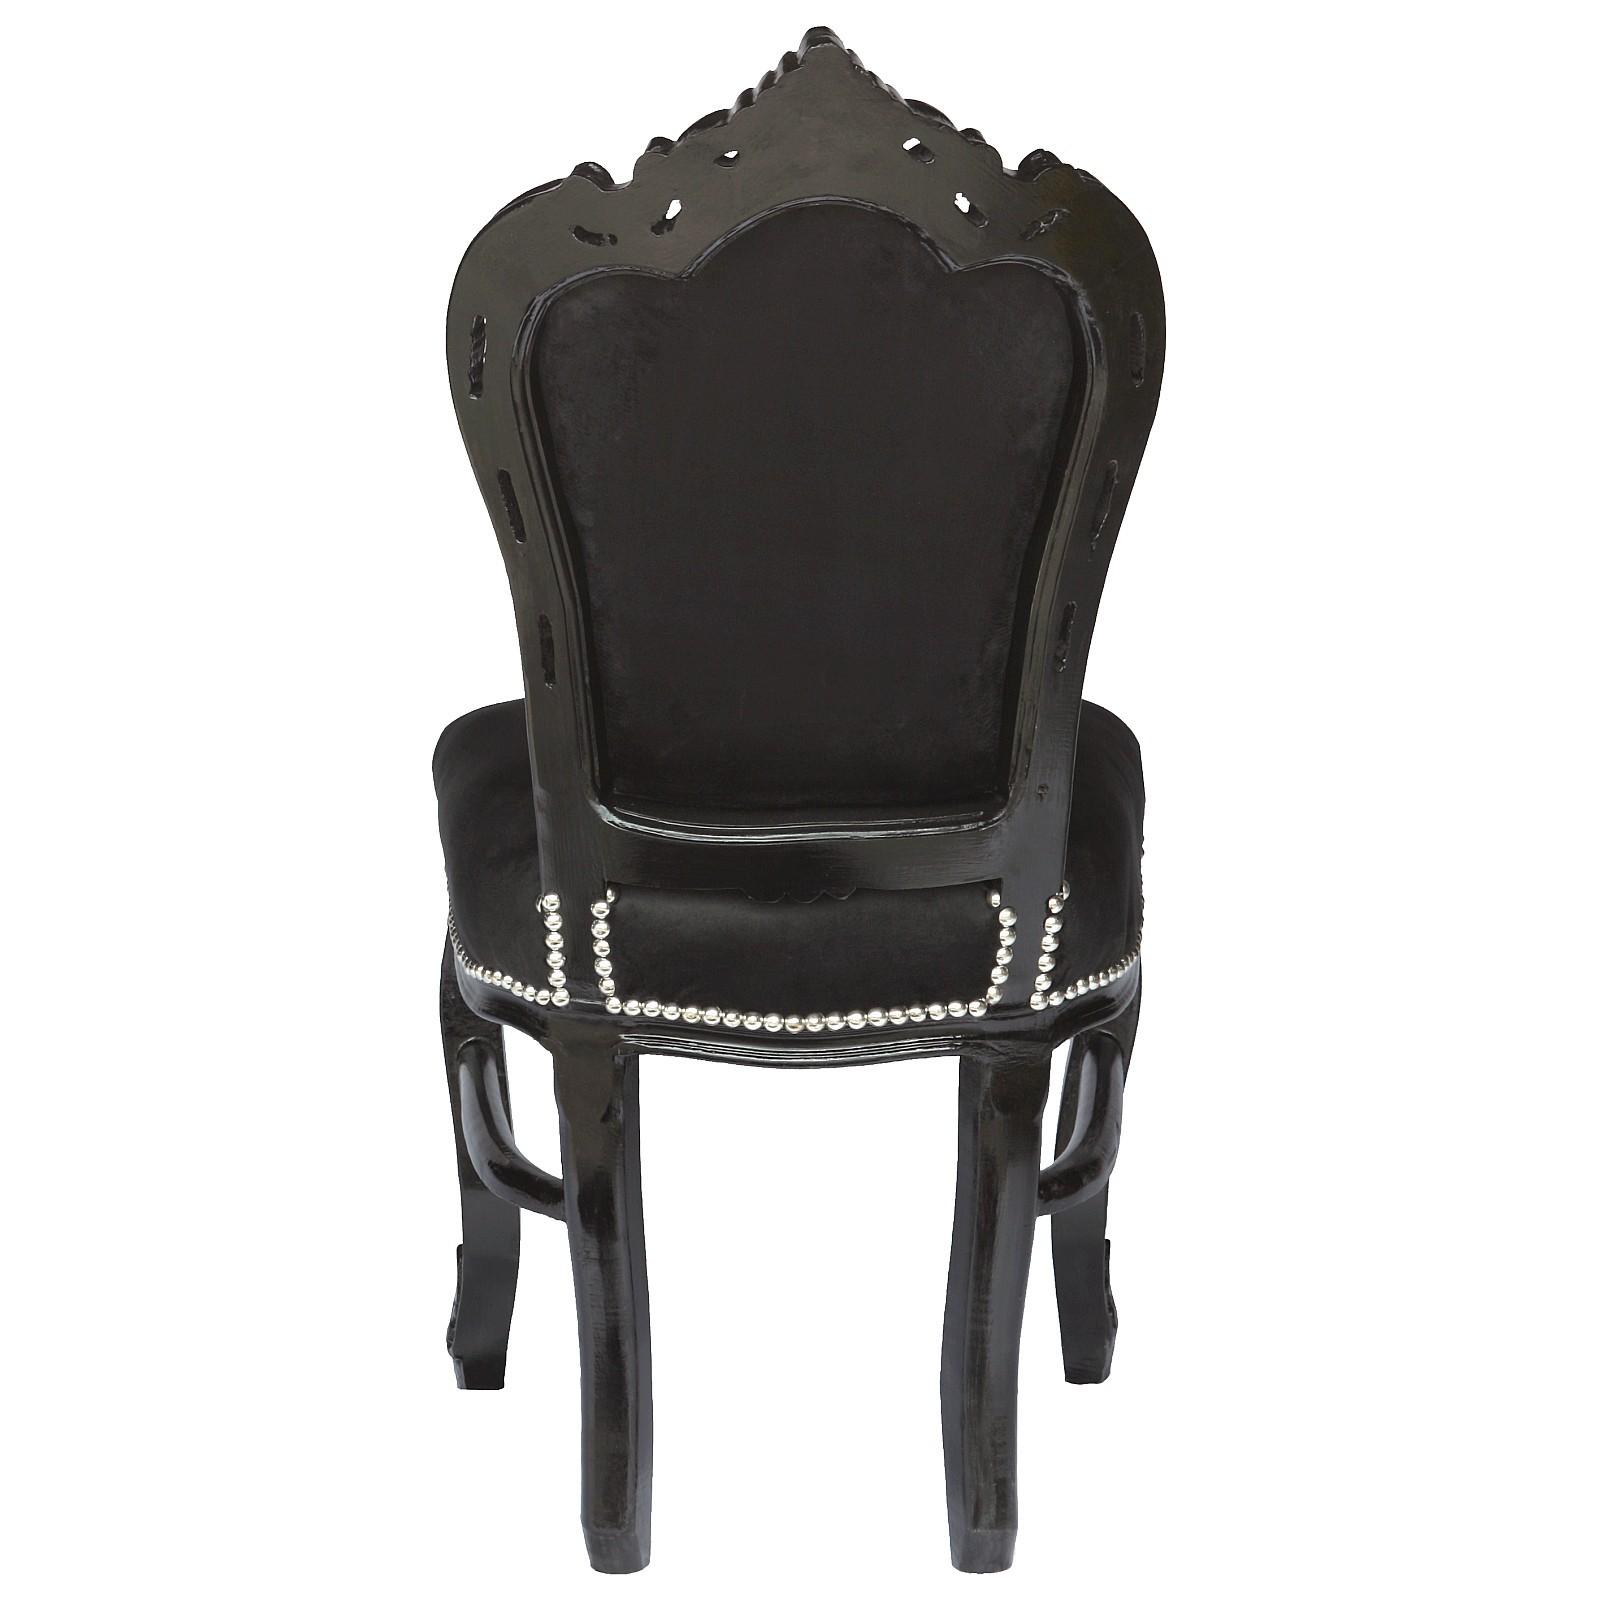 esstisch 4 schwarze st hle antik barock esszimmer garnitur tisch 160cm silber. Black Bedroom Furniture Sets. Home Design Ideas